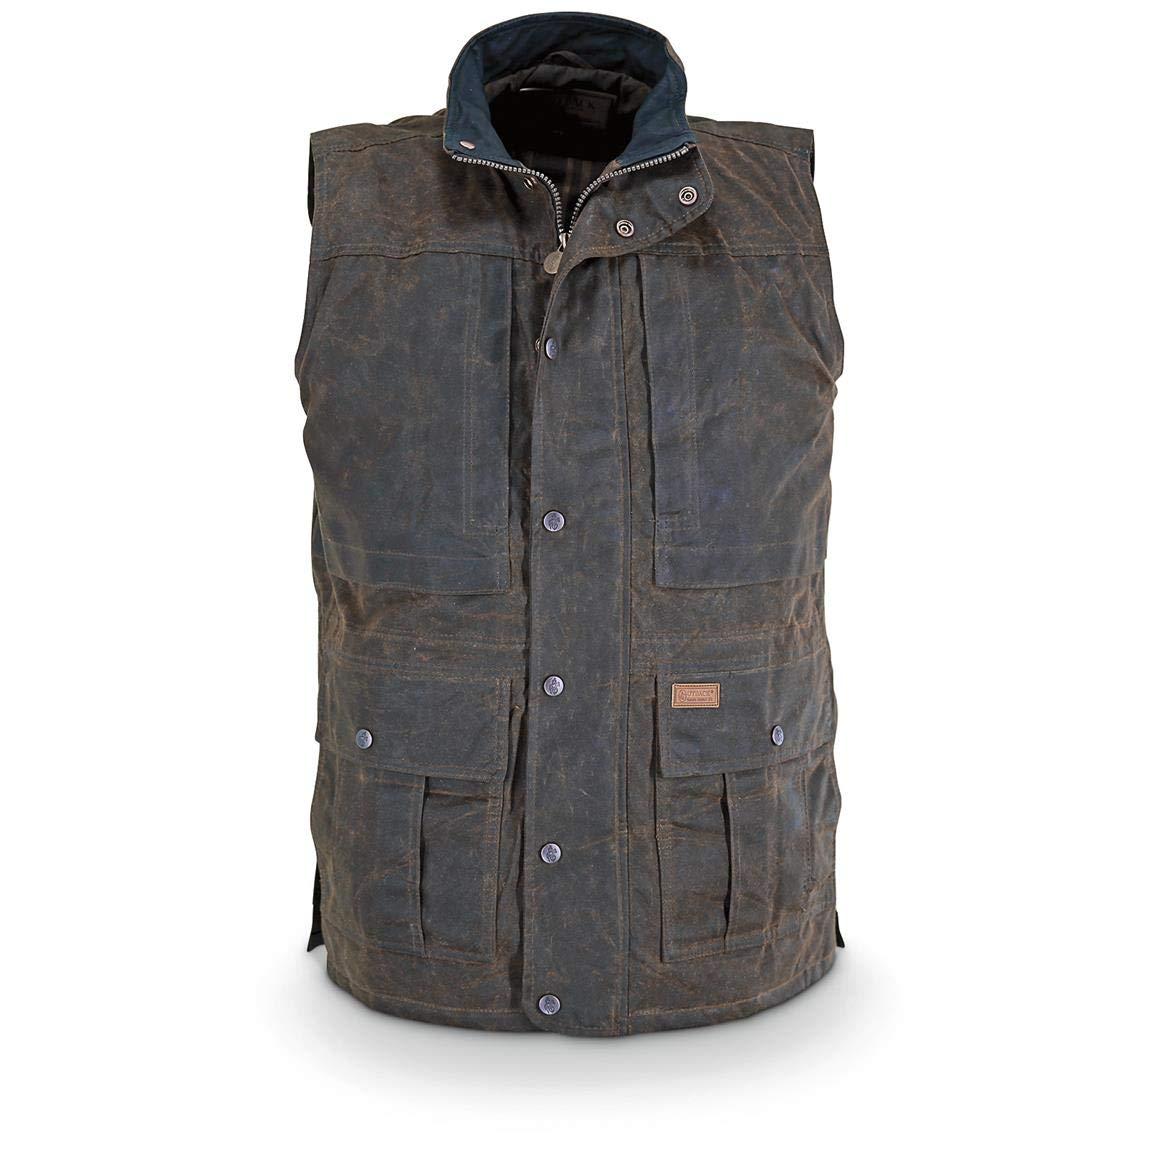 Outback Trading Men's Deer Hunter Vest - Bronze (MD) by Outback Trading